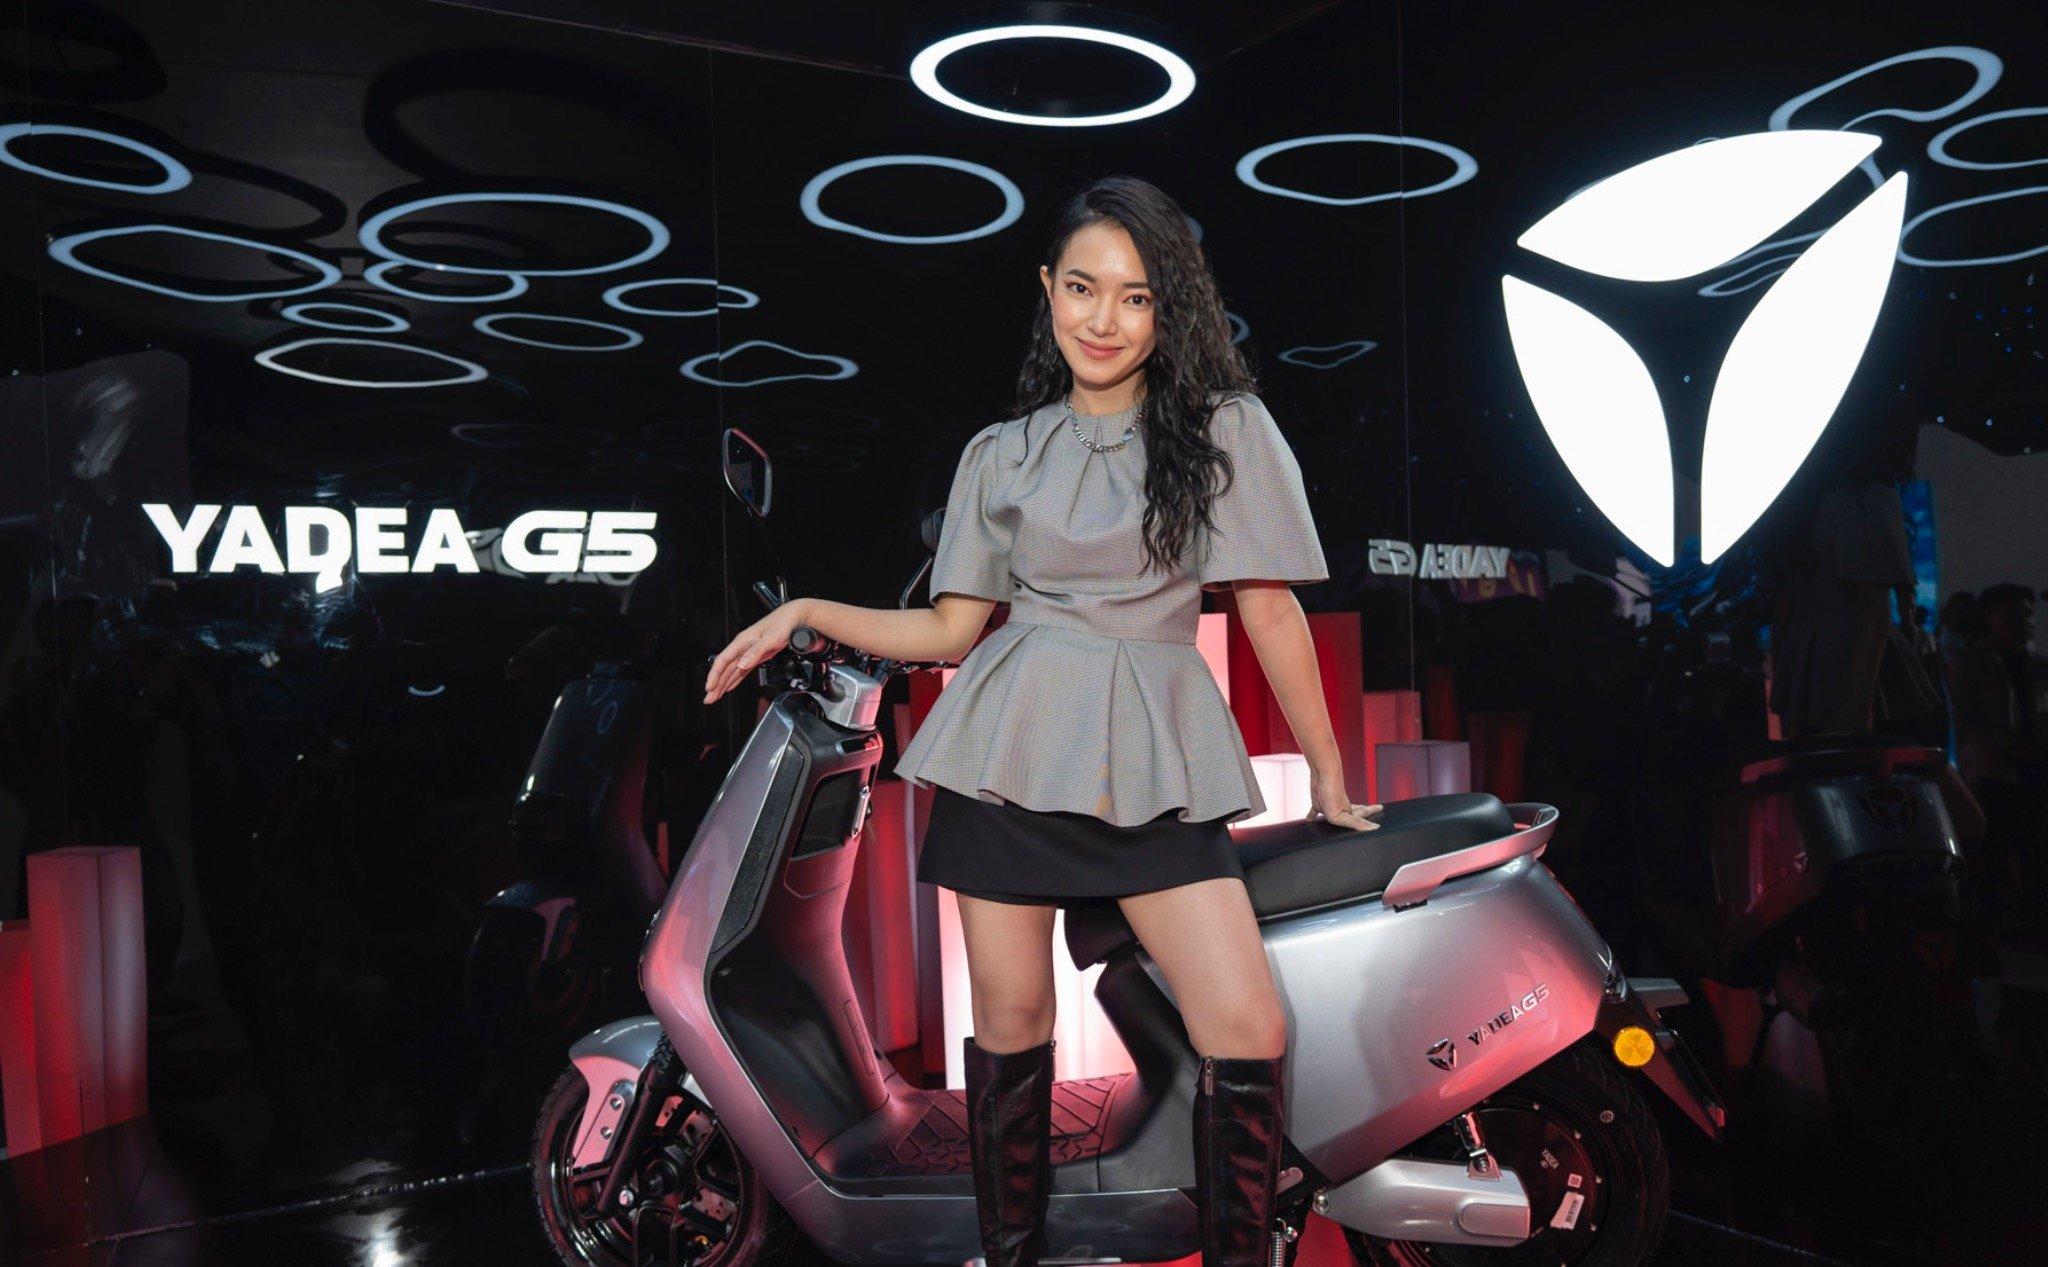 Nổi bật và phong cách cùng xe máy điện Yadea G5